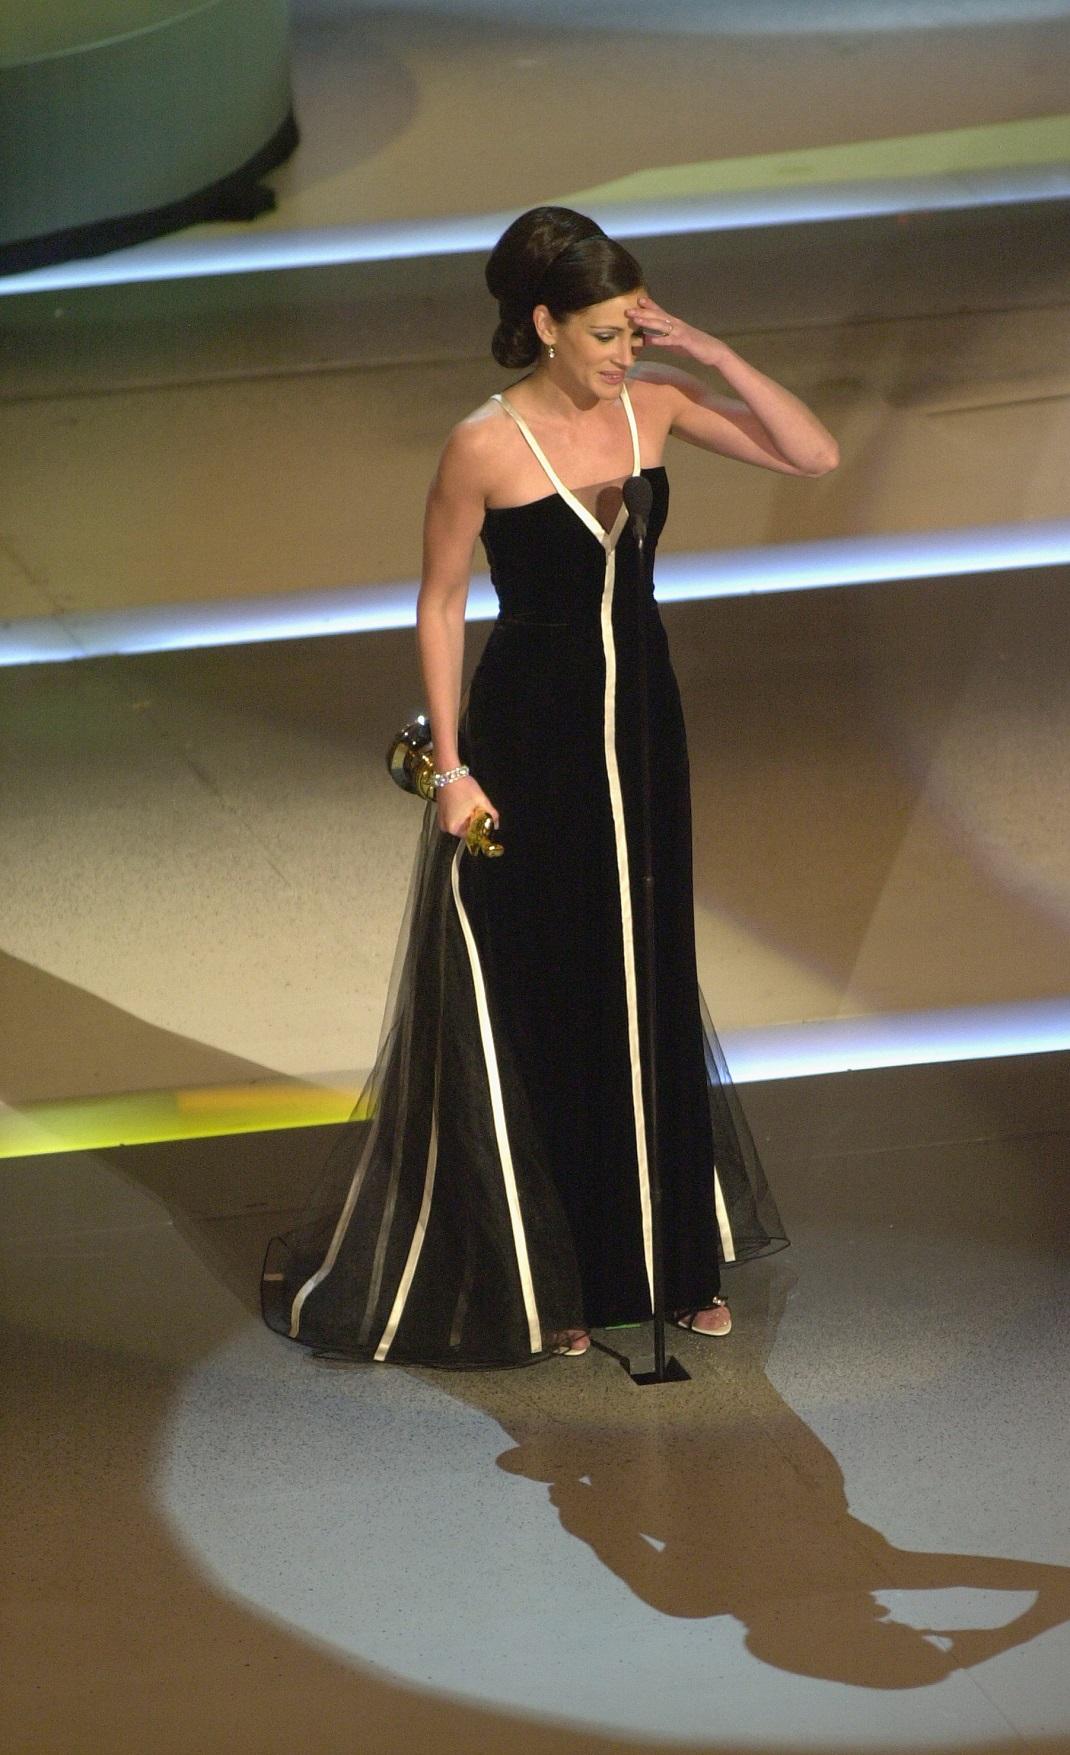 Η Τζούλια Ρόμπερτς με μαύρο φόρεμα στα Όσκαρ